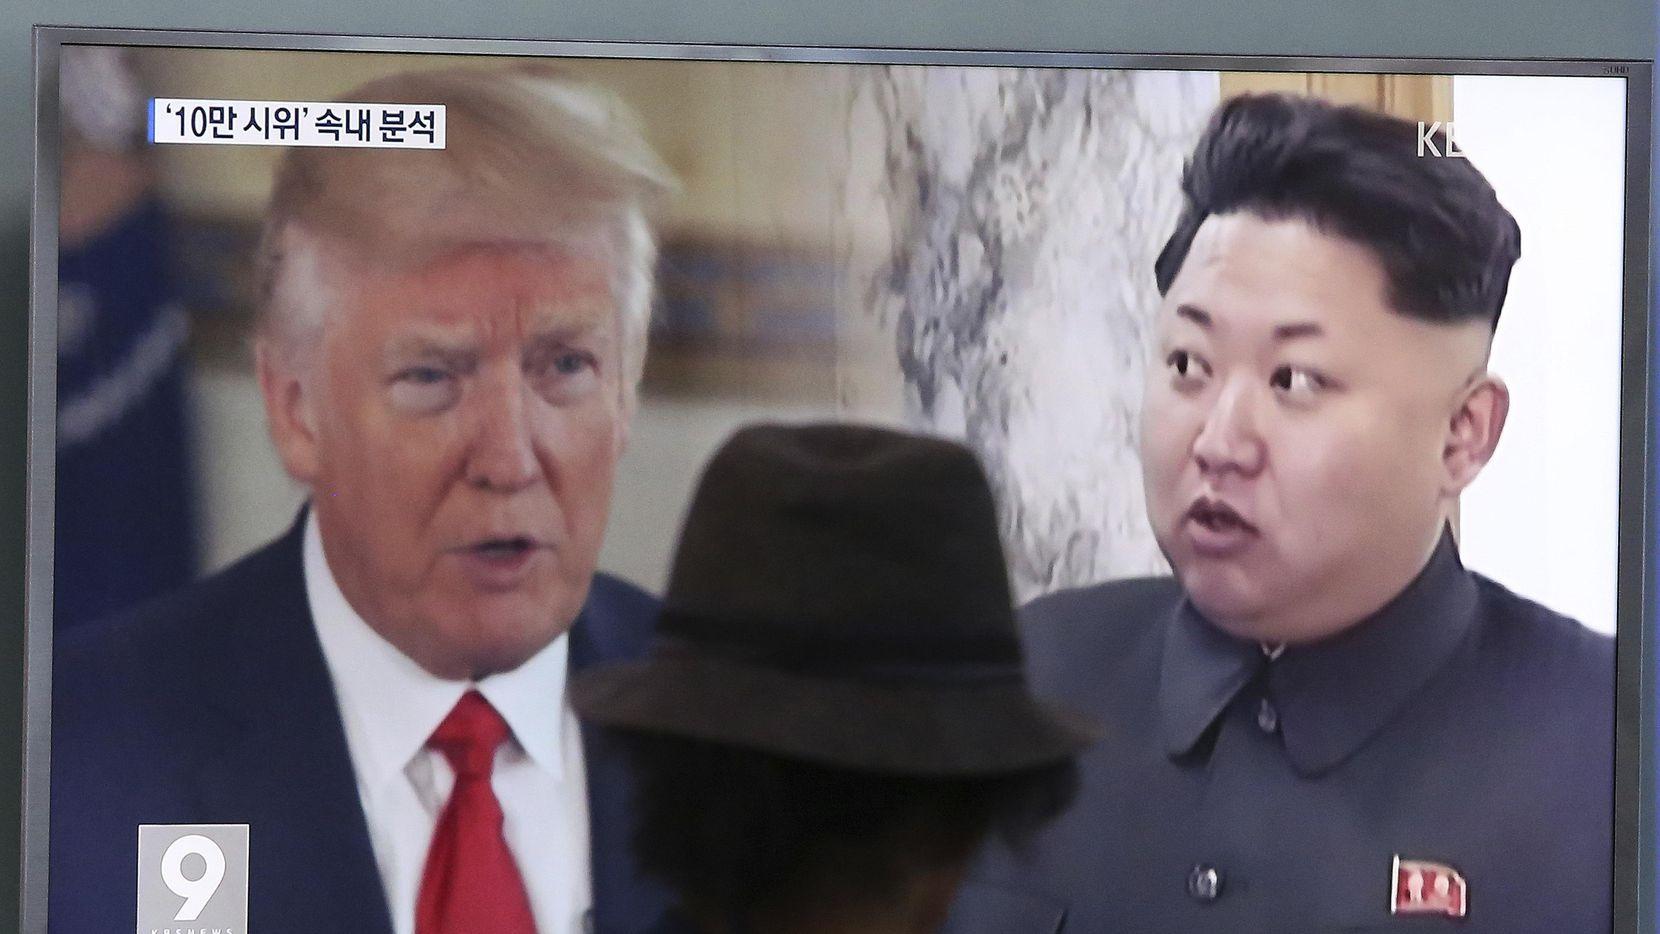 Un hombre ve la pantalla de una televisión que muestra al presidente Donald Trump y al mandatario de Corea del Norte, Kim Jong Un, en una estación de tren en Seúl, Corea del Sur. (AP/AHN YOUNG-JOON)